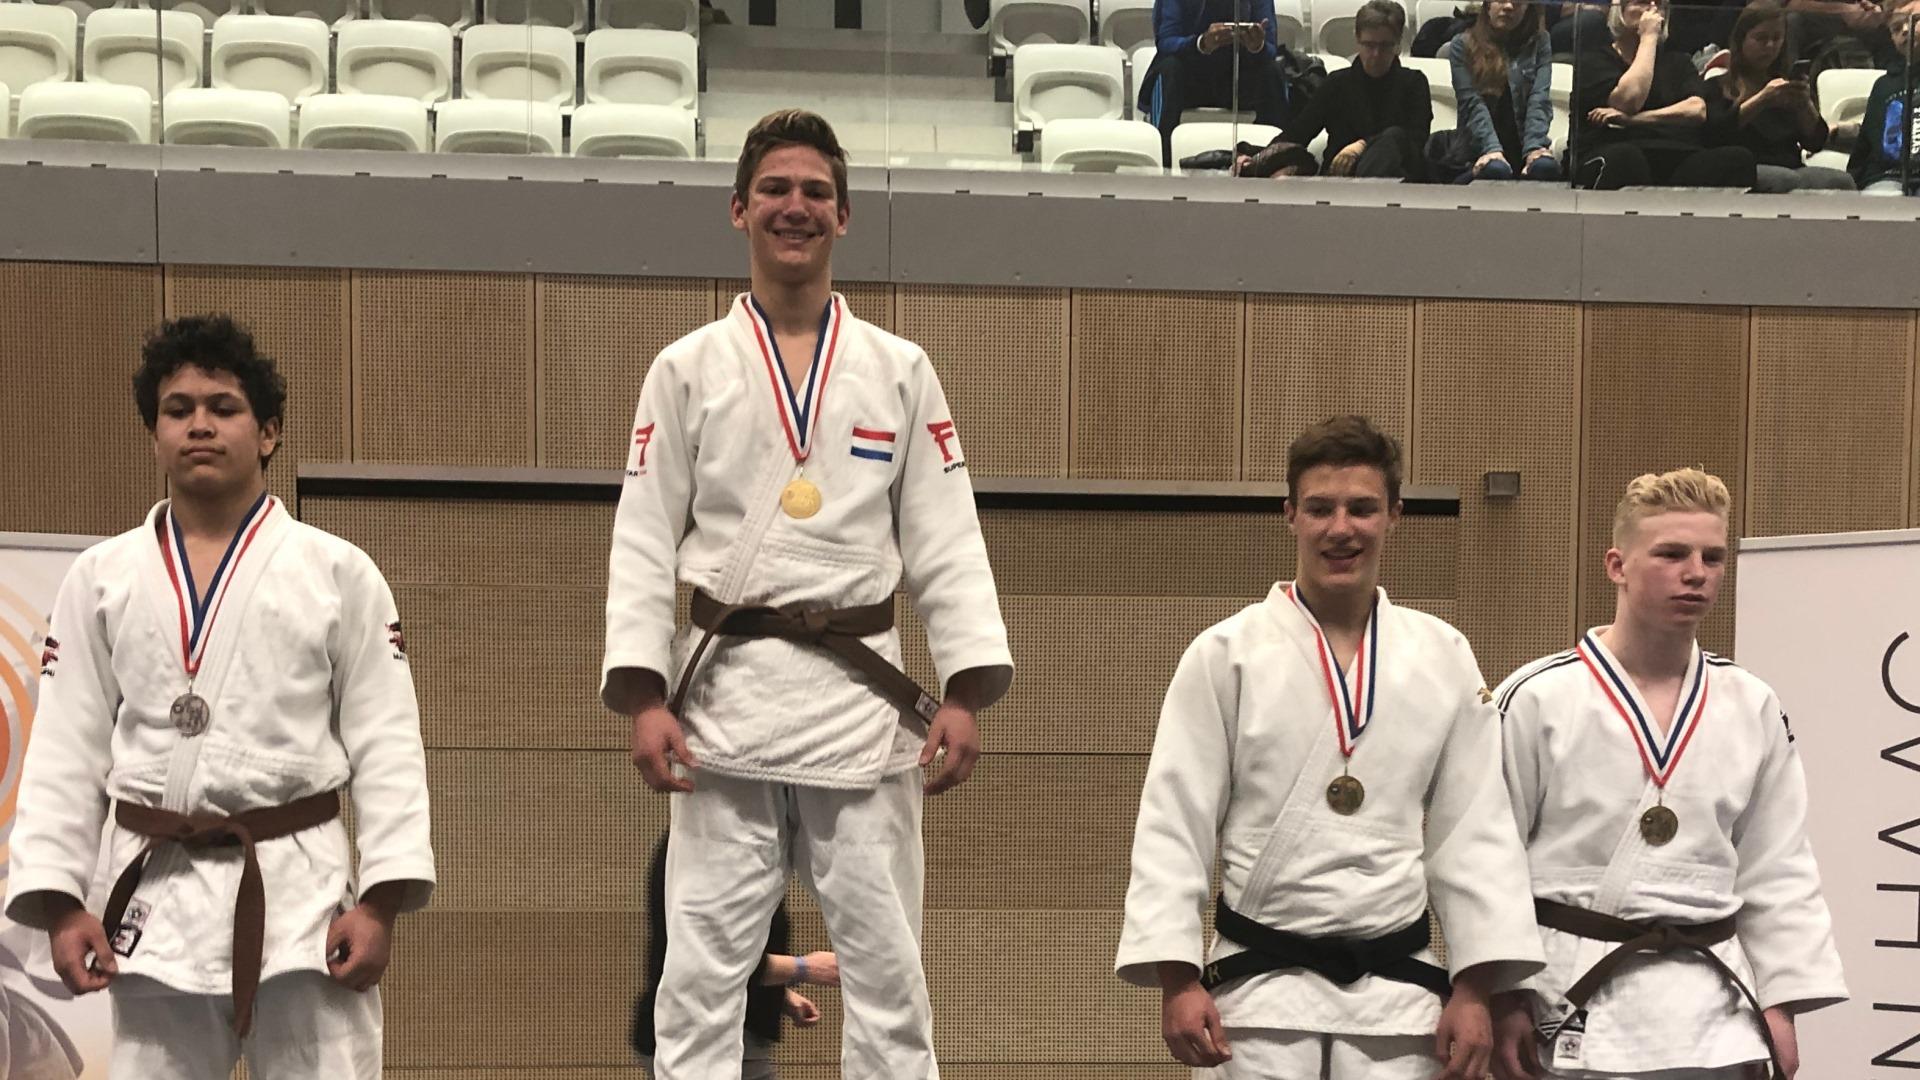 Judo Yushi - NK u18jaar 2019 - podium u73 kg met Jelle van der Werff nederlands kampioen